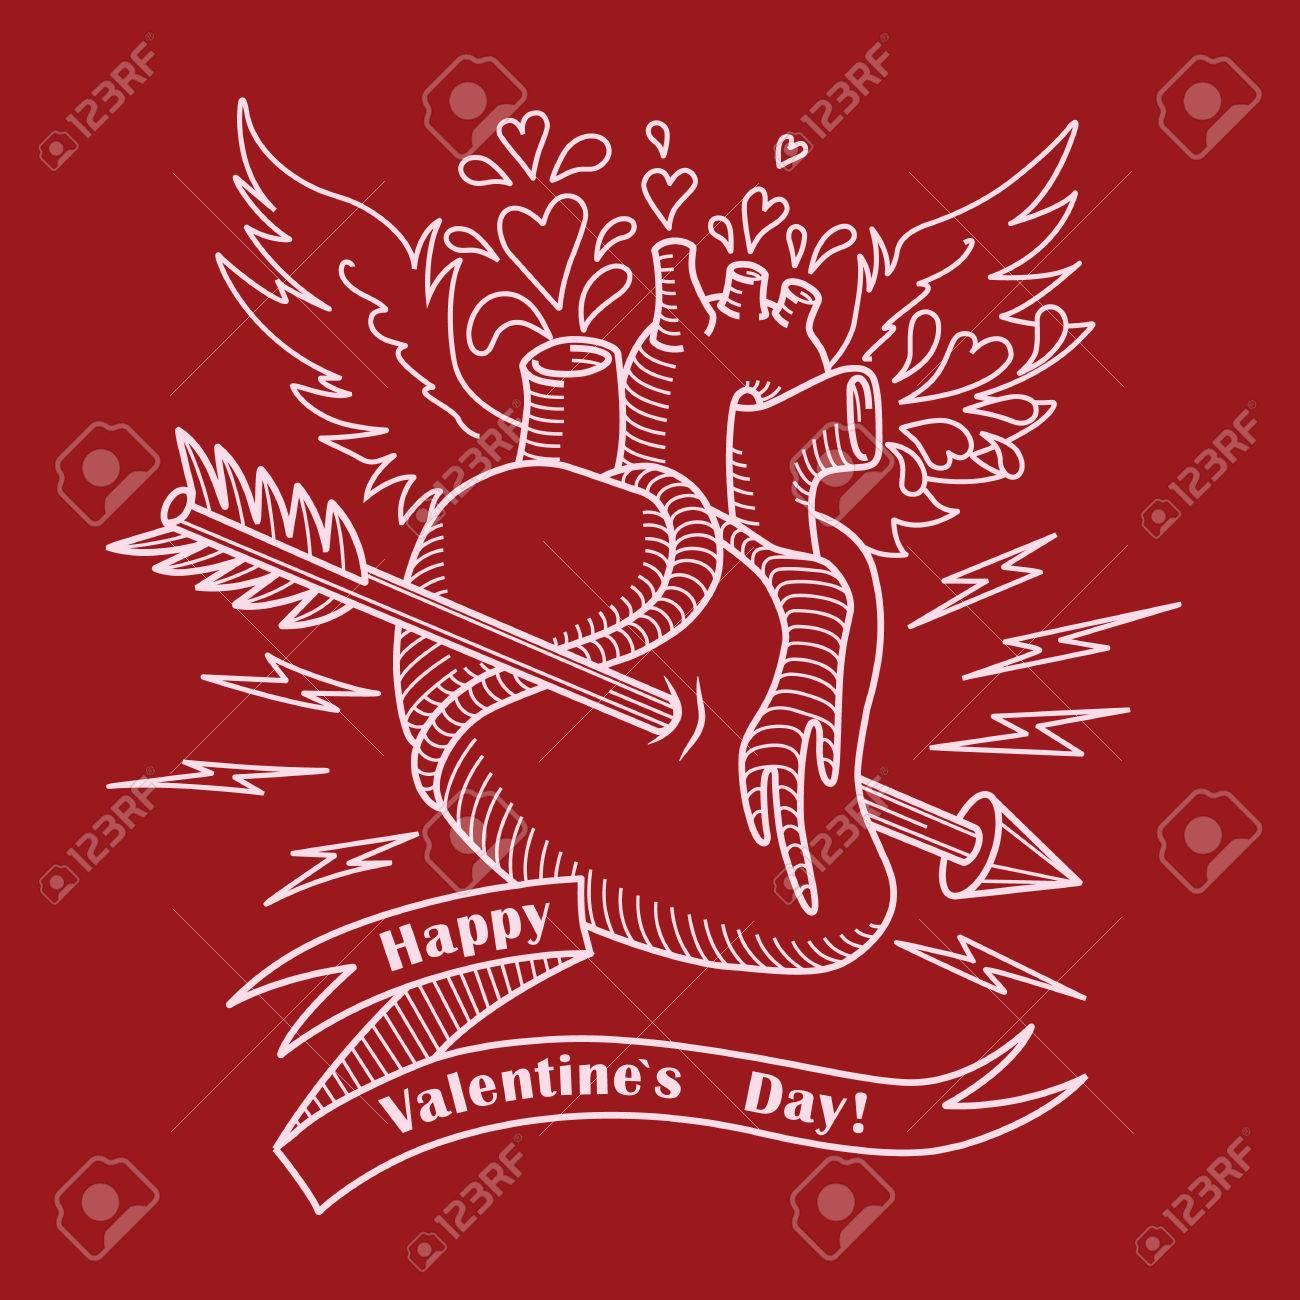 Tarjeta Del Día De San Valentín Con Corazón Ana, Las Alas, La Flecha ...